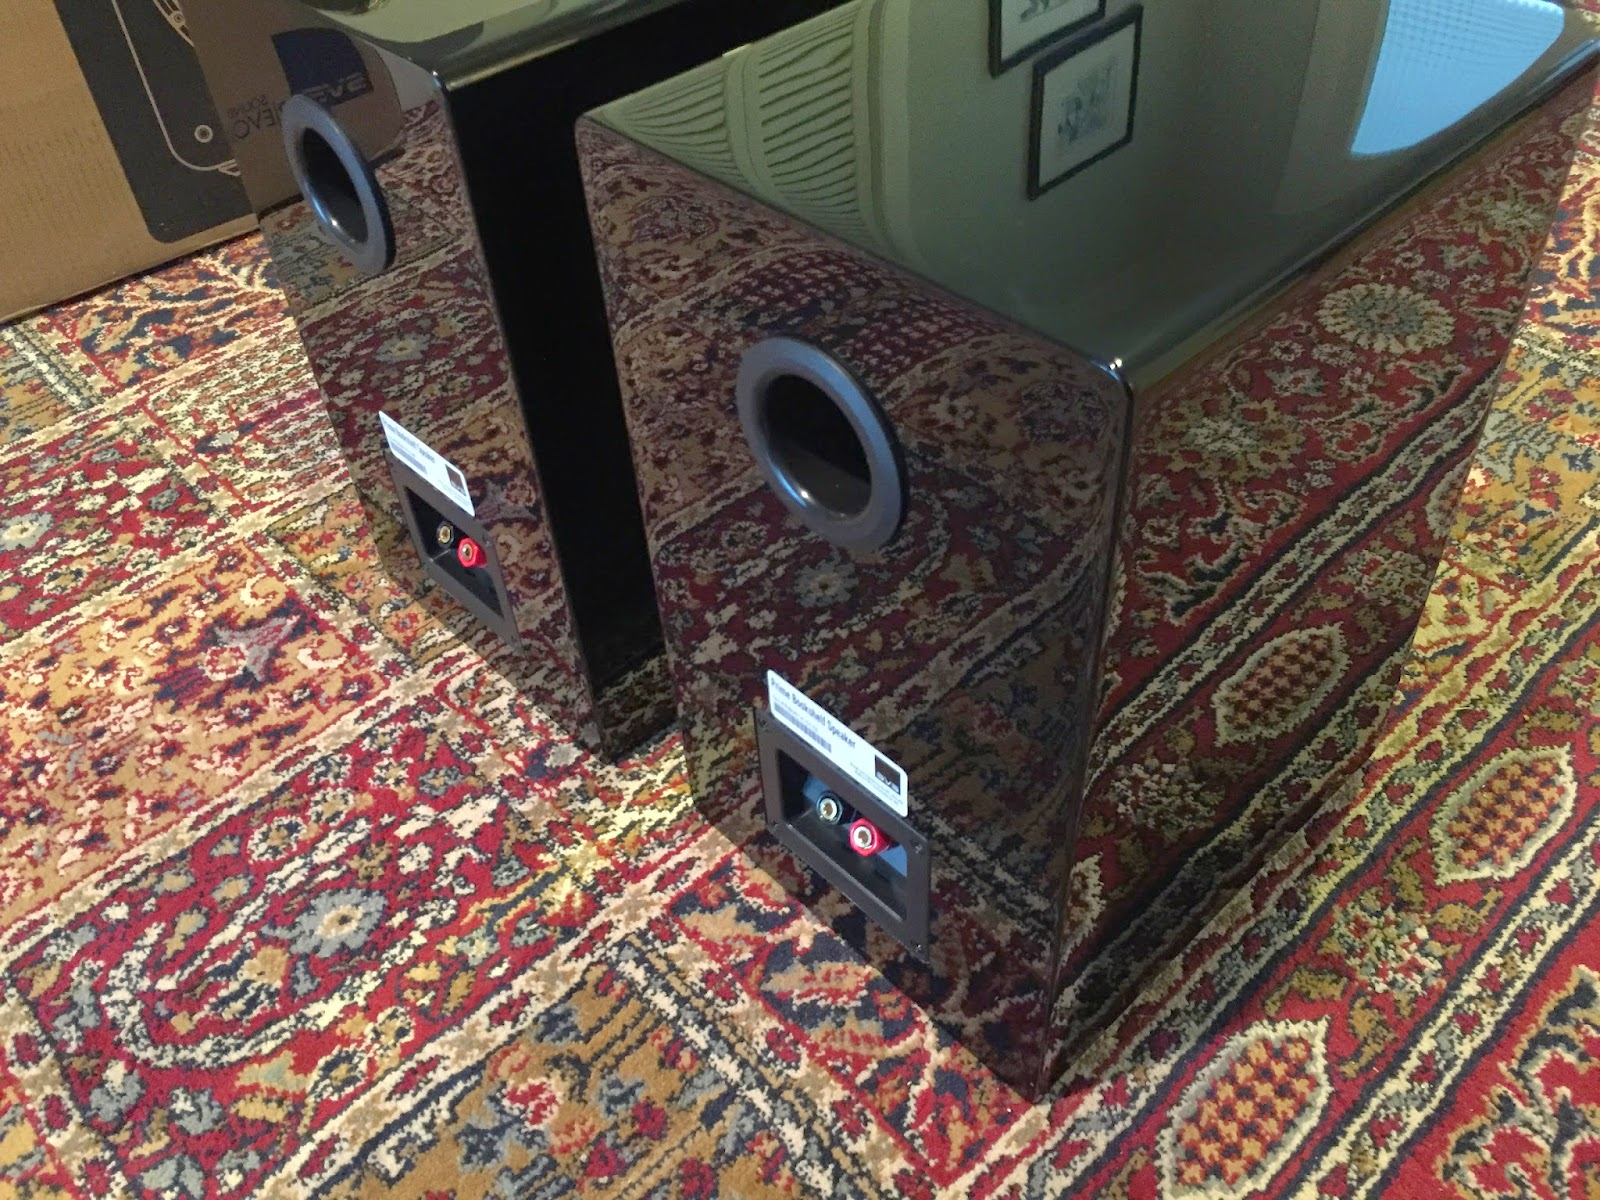 SVS+Prime+Bookshelf+Speaker+finish.JPG